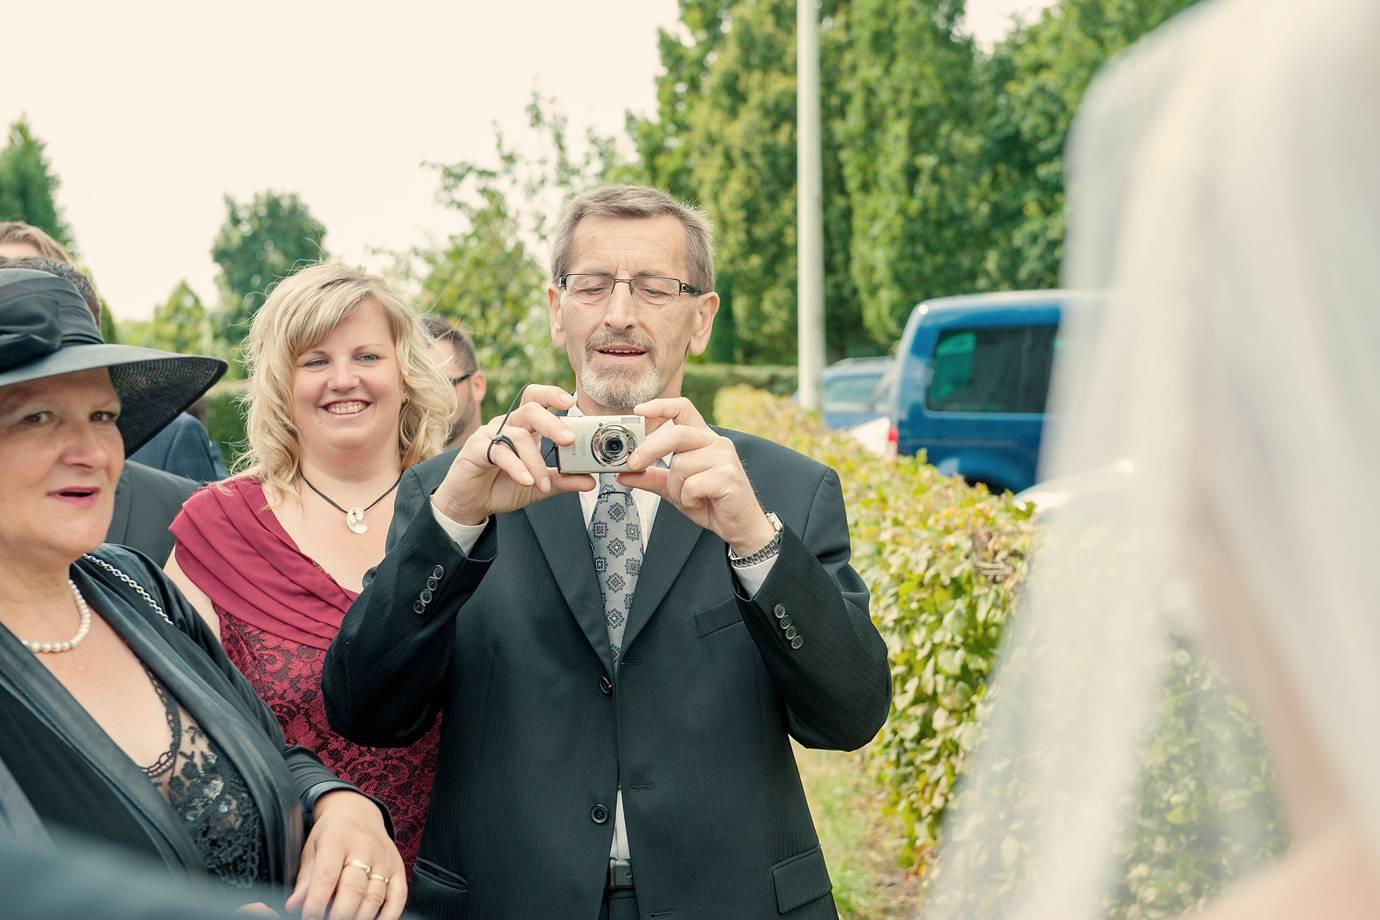 hochzeitsfotograf ritterhude 100 - Susann+Christian